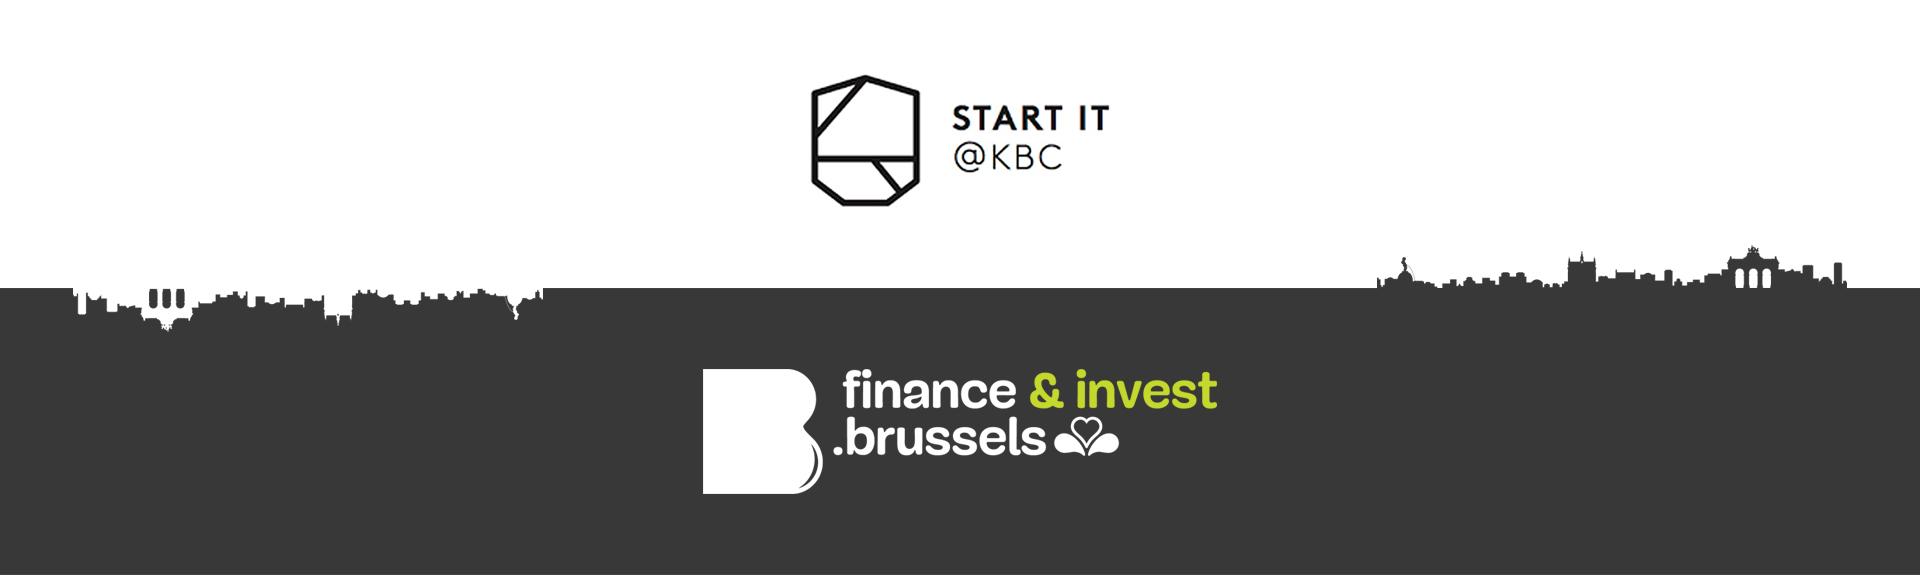 finance&invest.brussels devient partenaire de Start it @KBC pour soutenir les start-ups